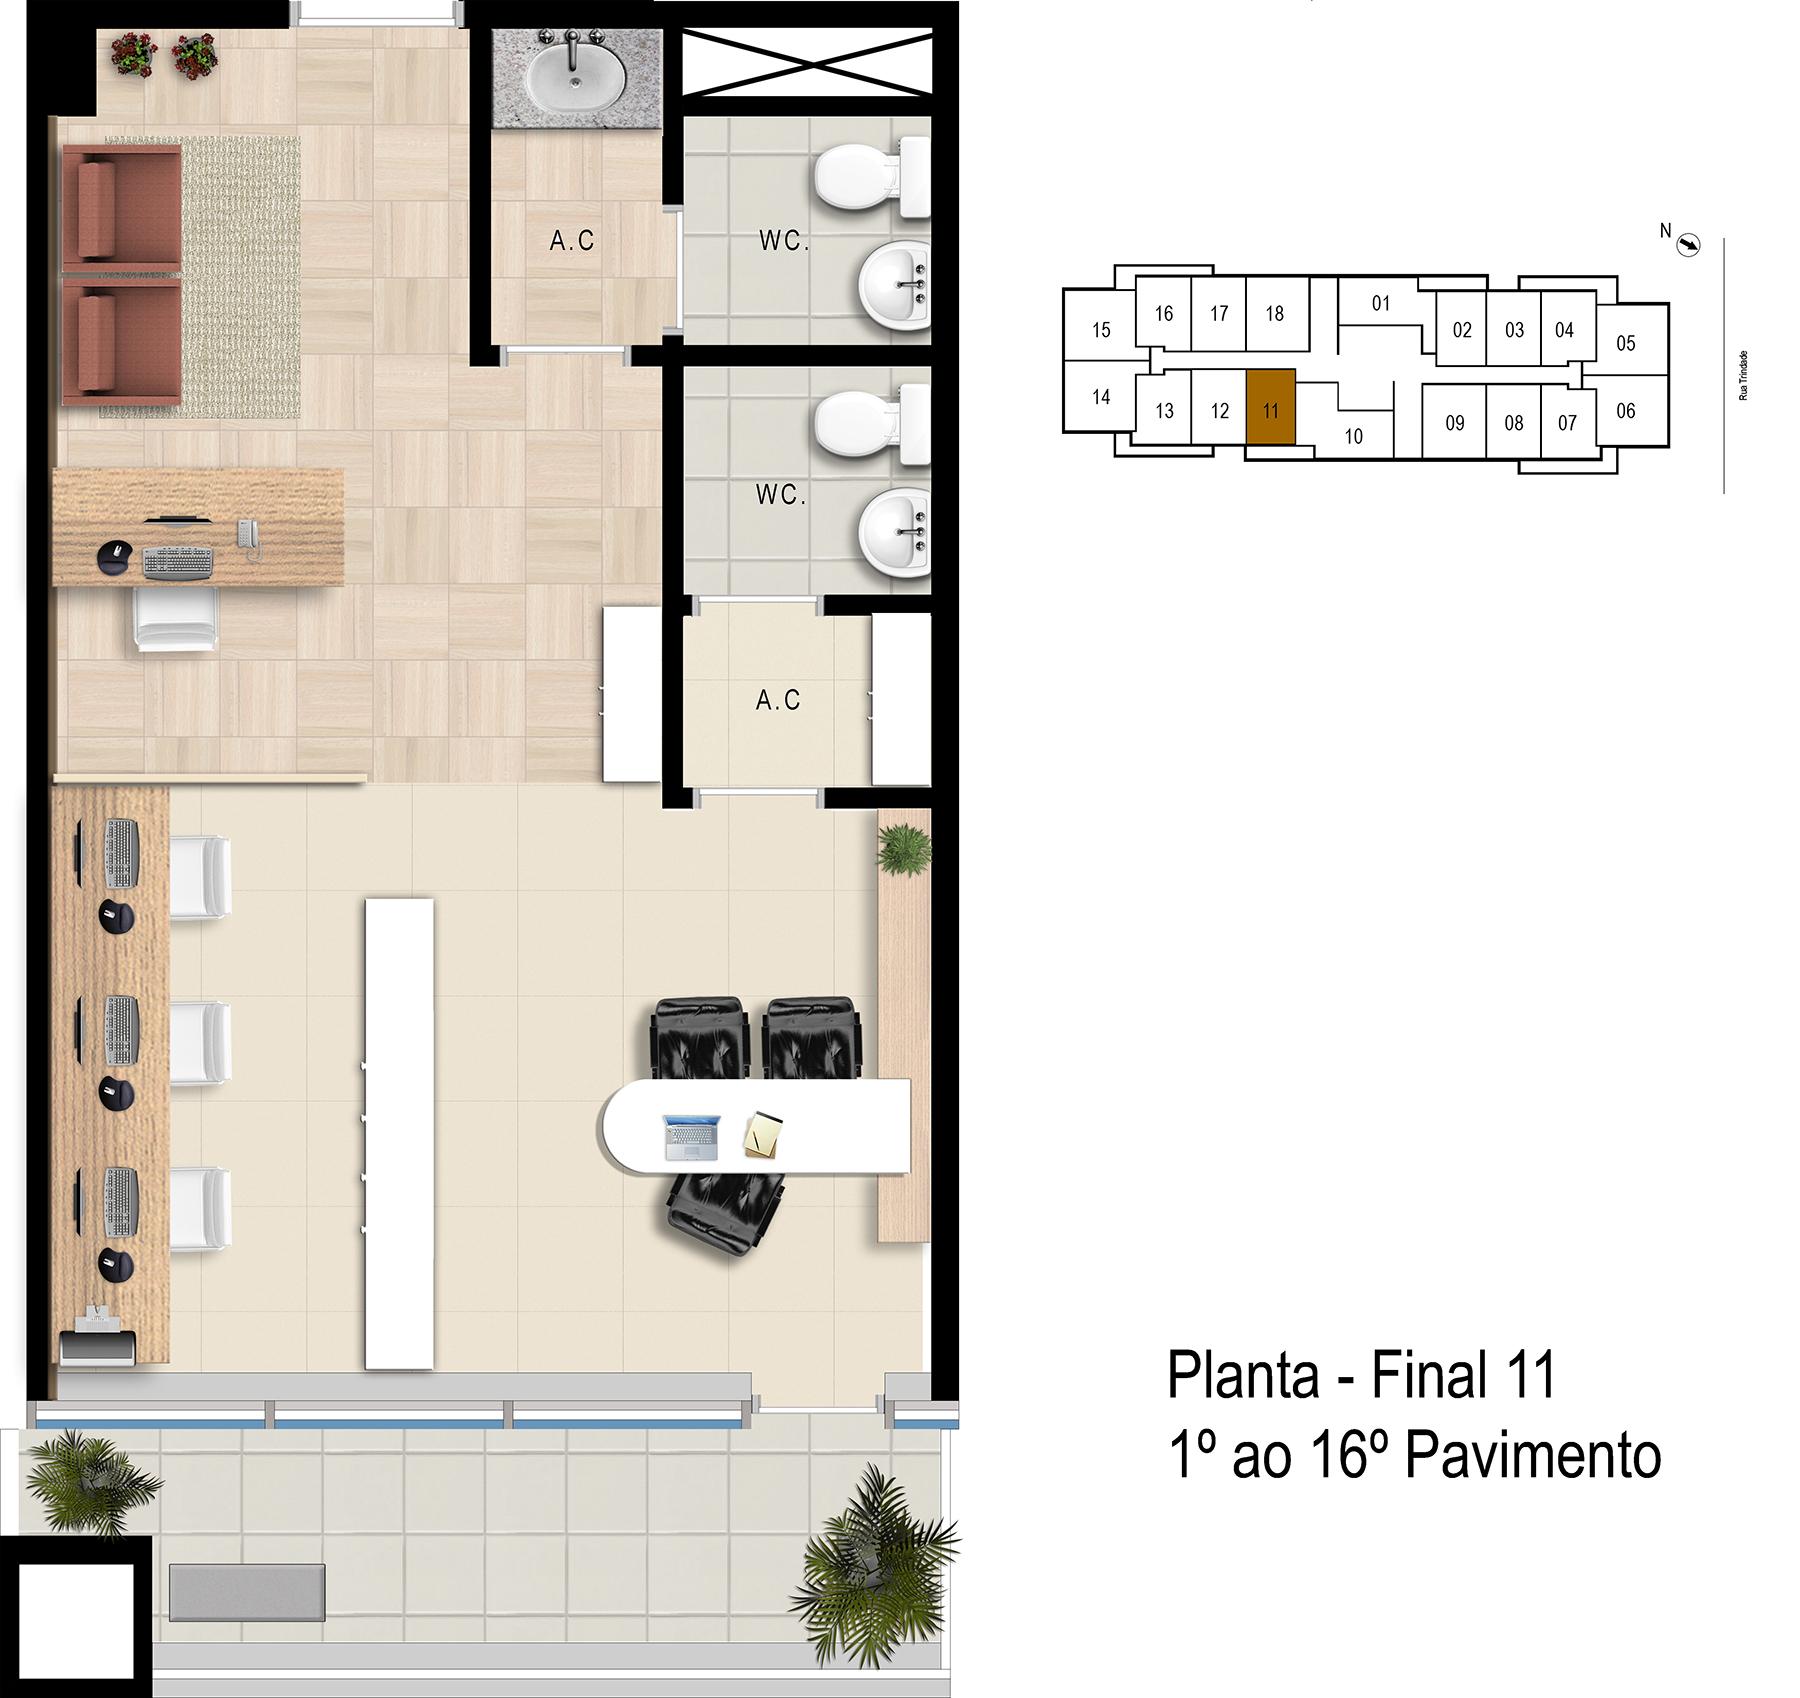 Final 11 - 1° ao 16° Pavimento Office Bethaville